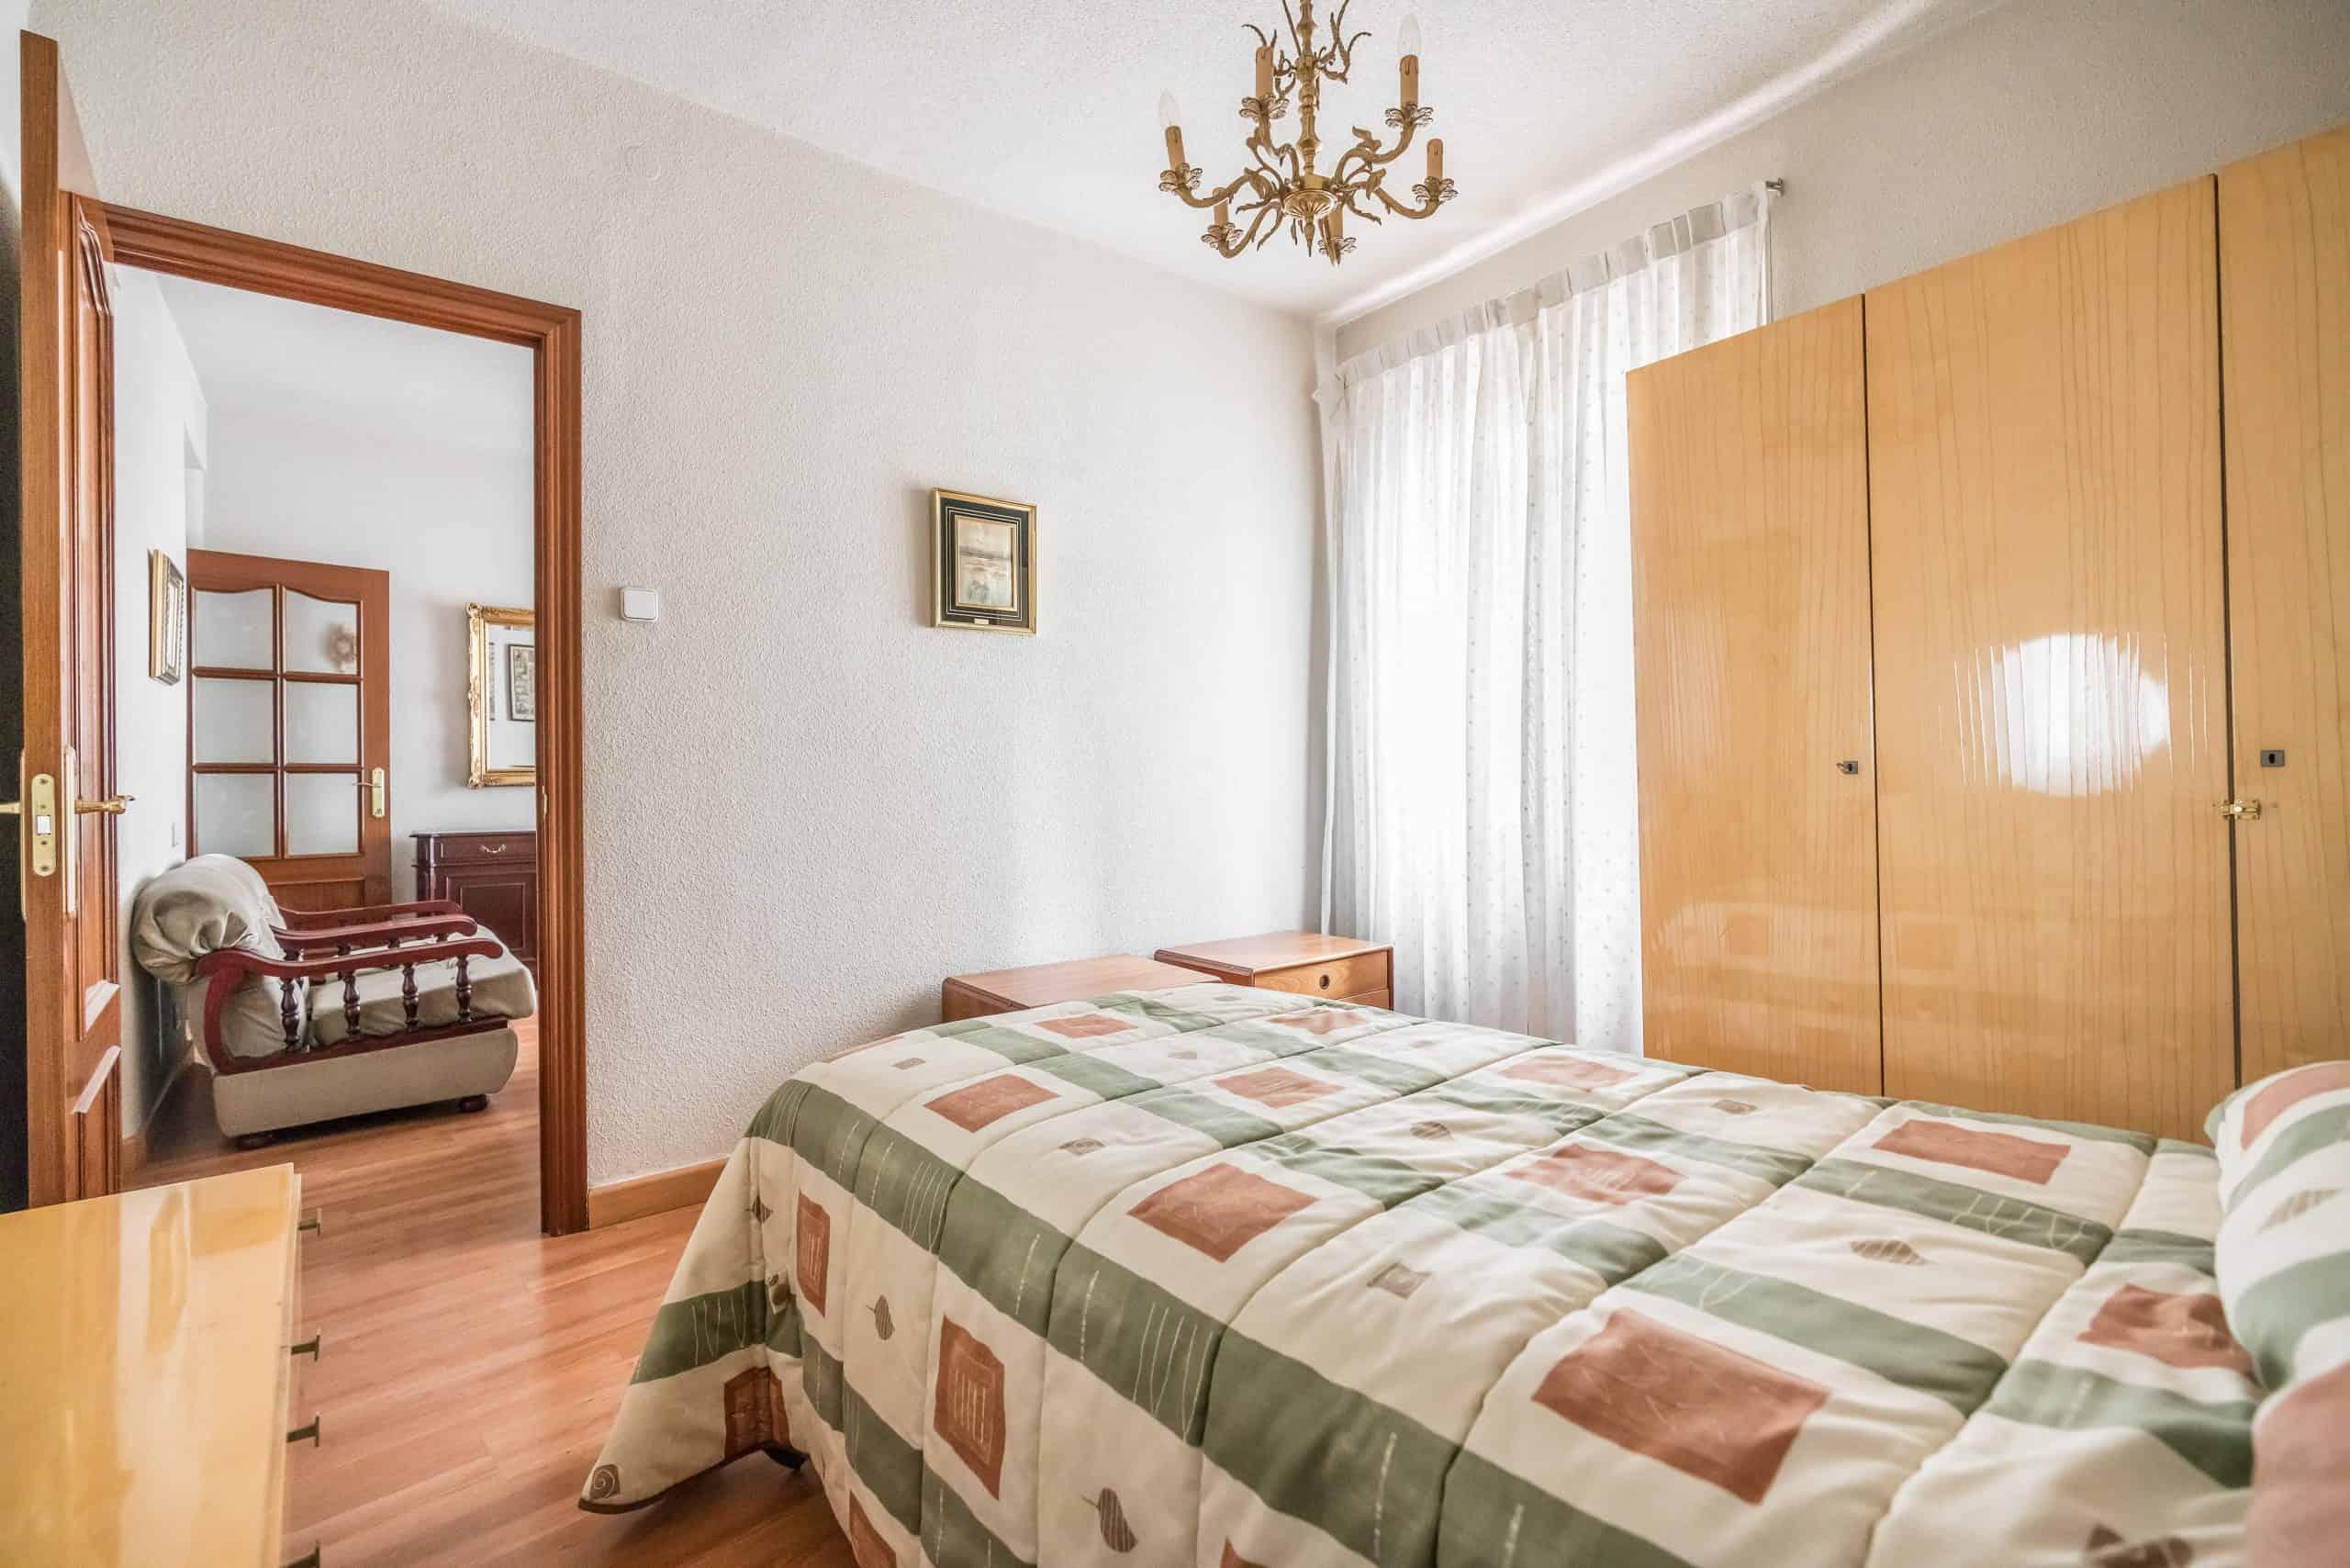 5 DORMITORIO3 (7) (Copy) Agencia Inmobiliaria de Madrid-FUTUROCASA-Zona ARGANZUELA-